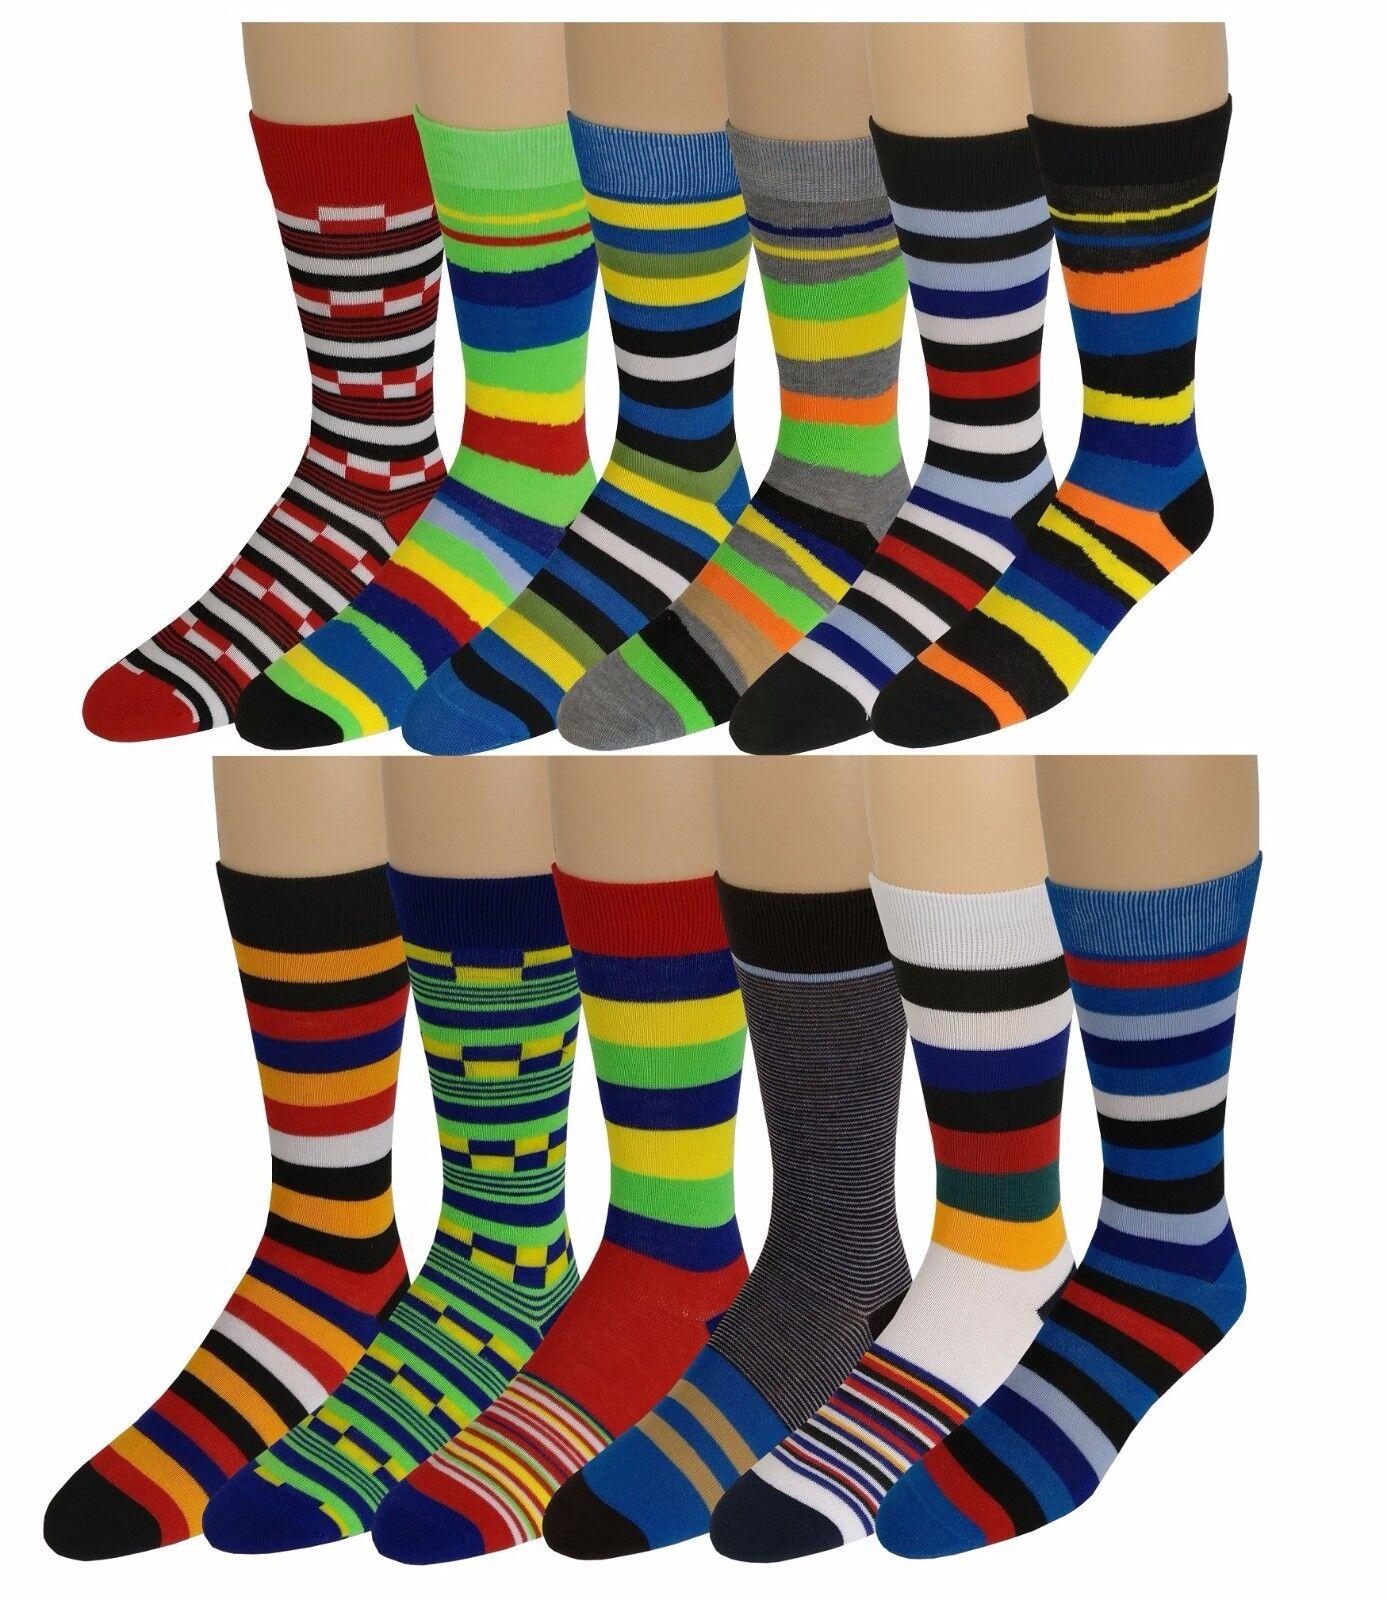 Картинки разных носков